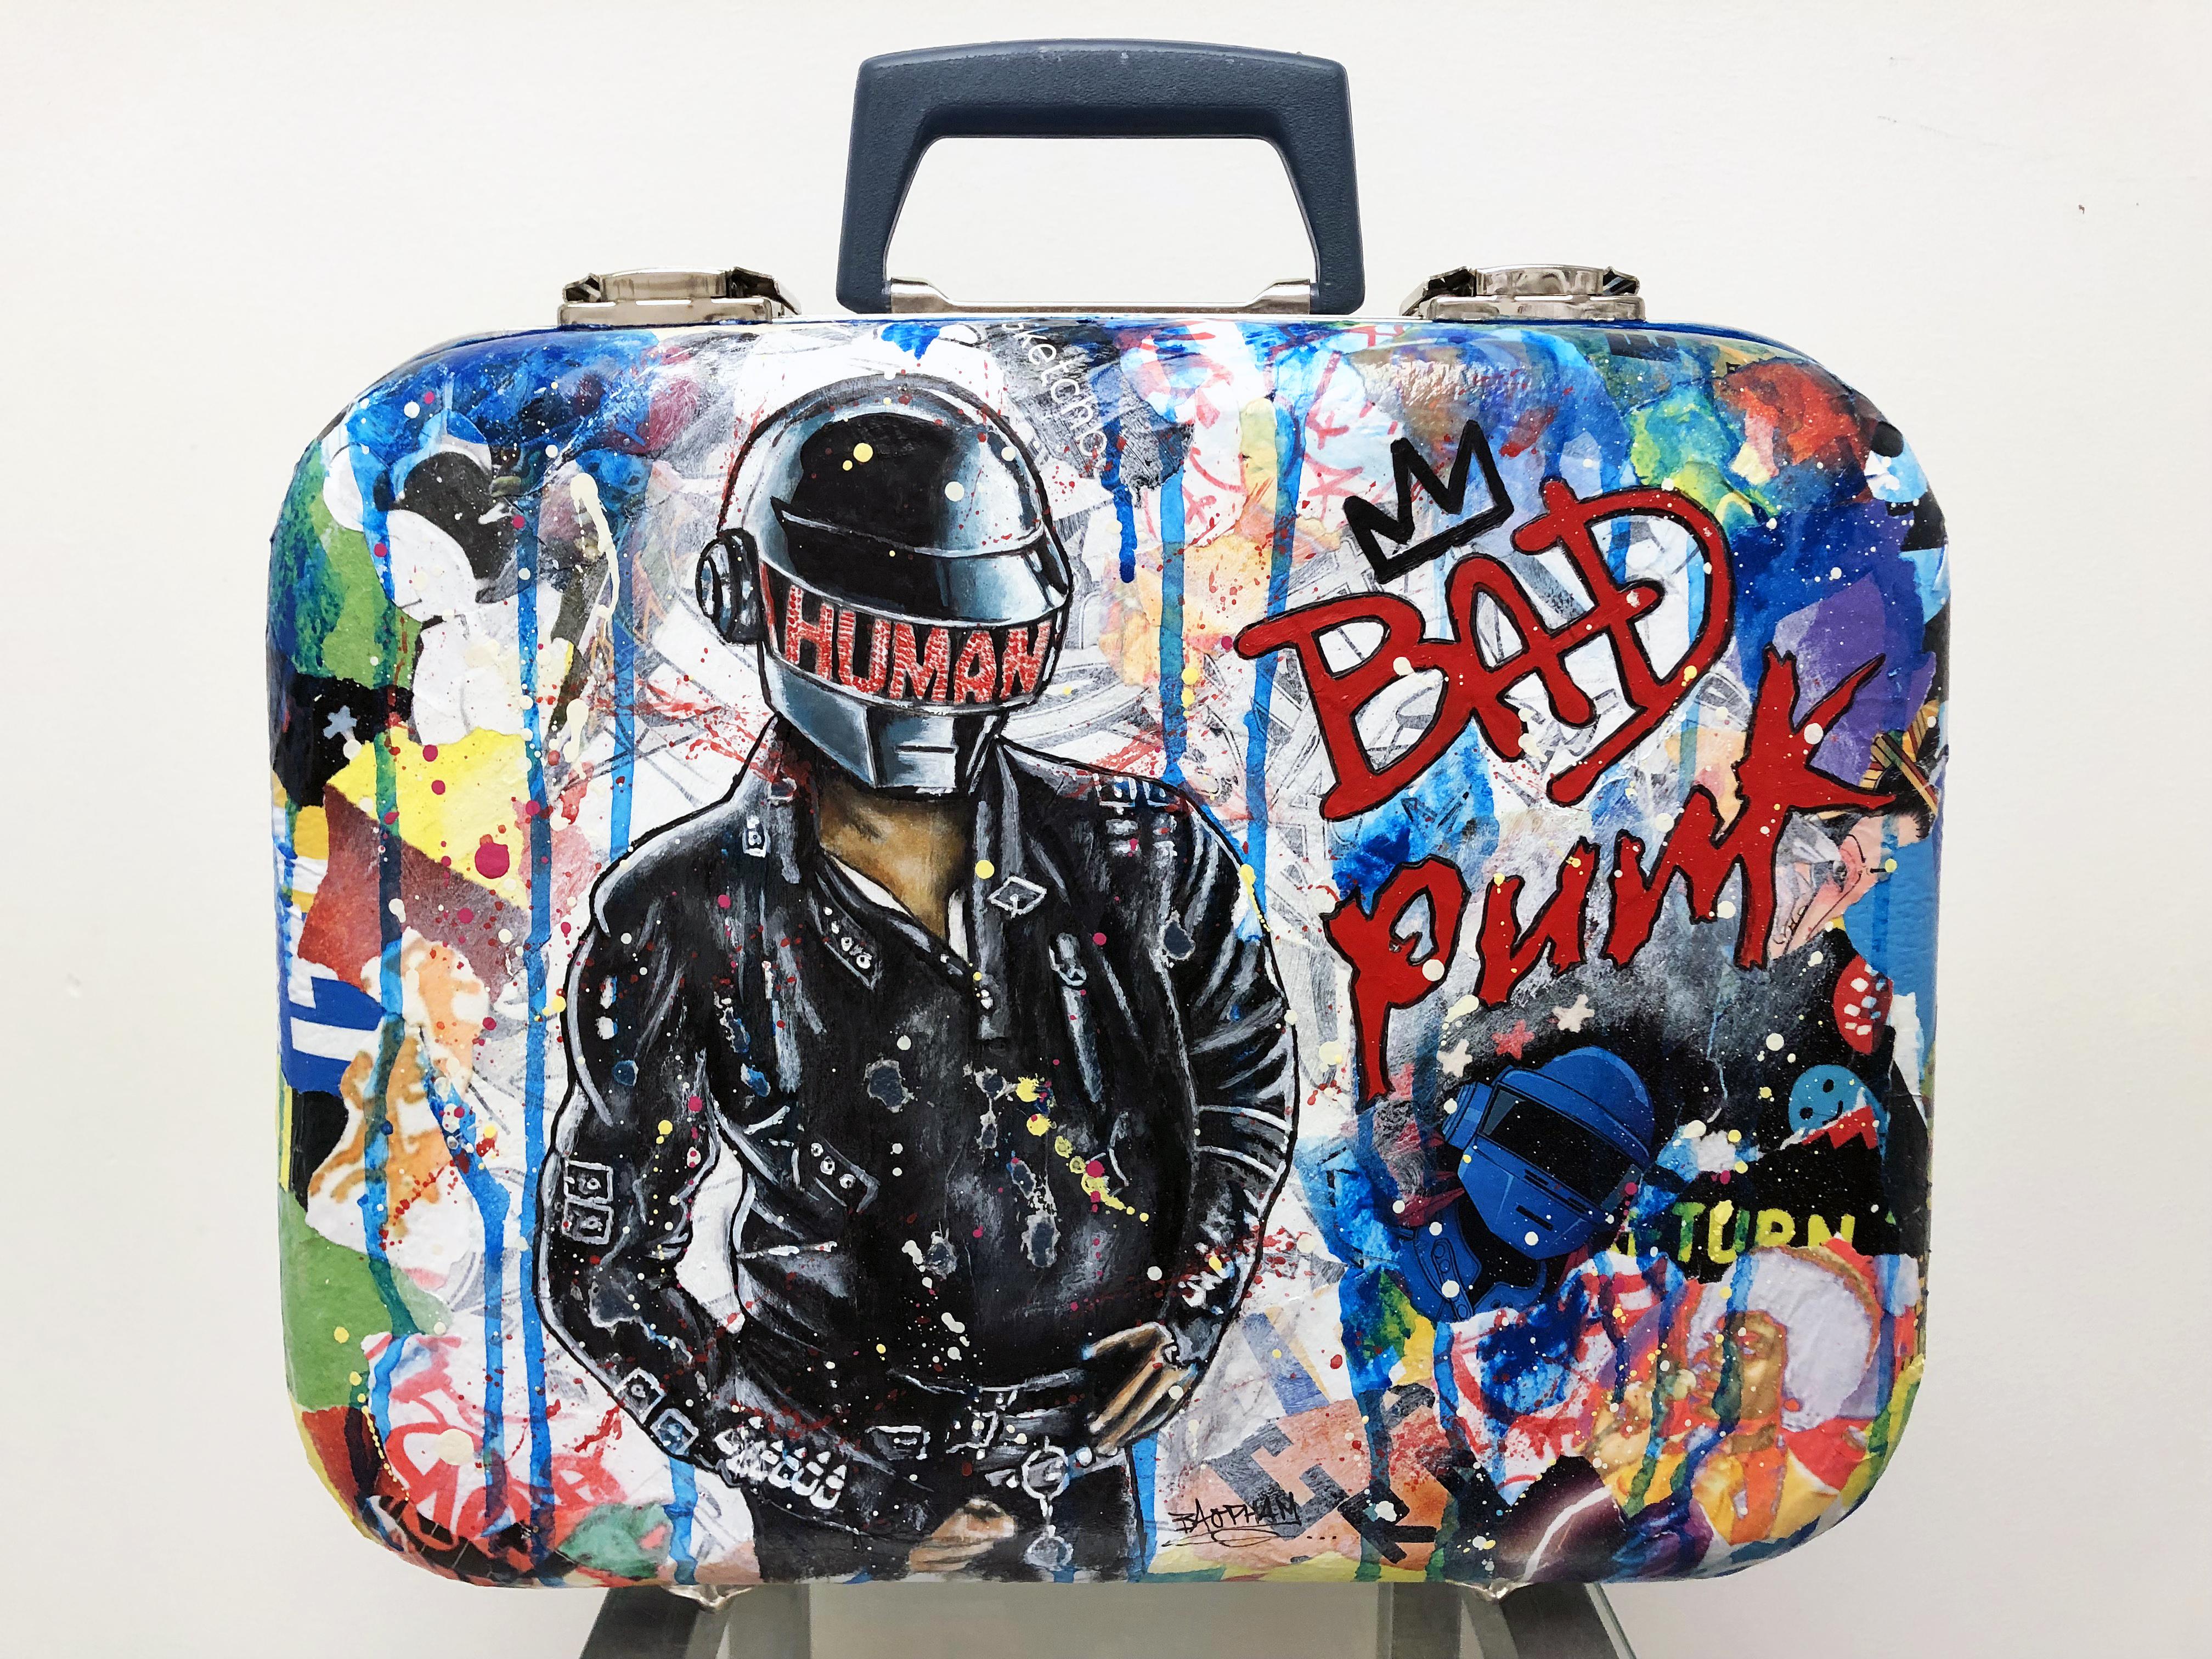 Custom Vintage Luggage: MJ Bad Punk.